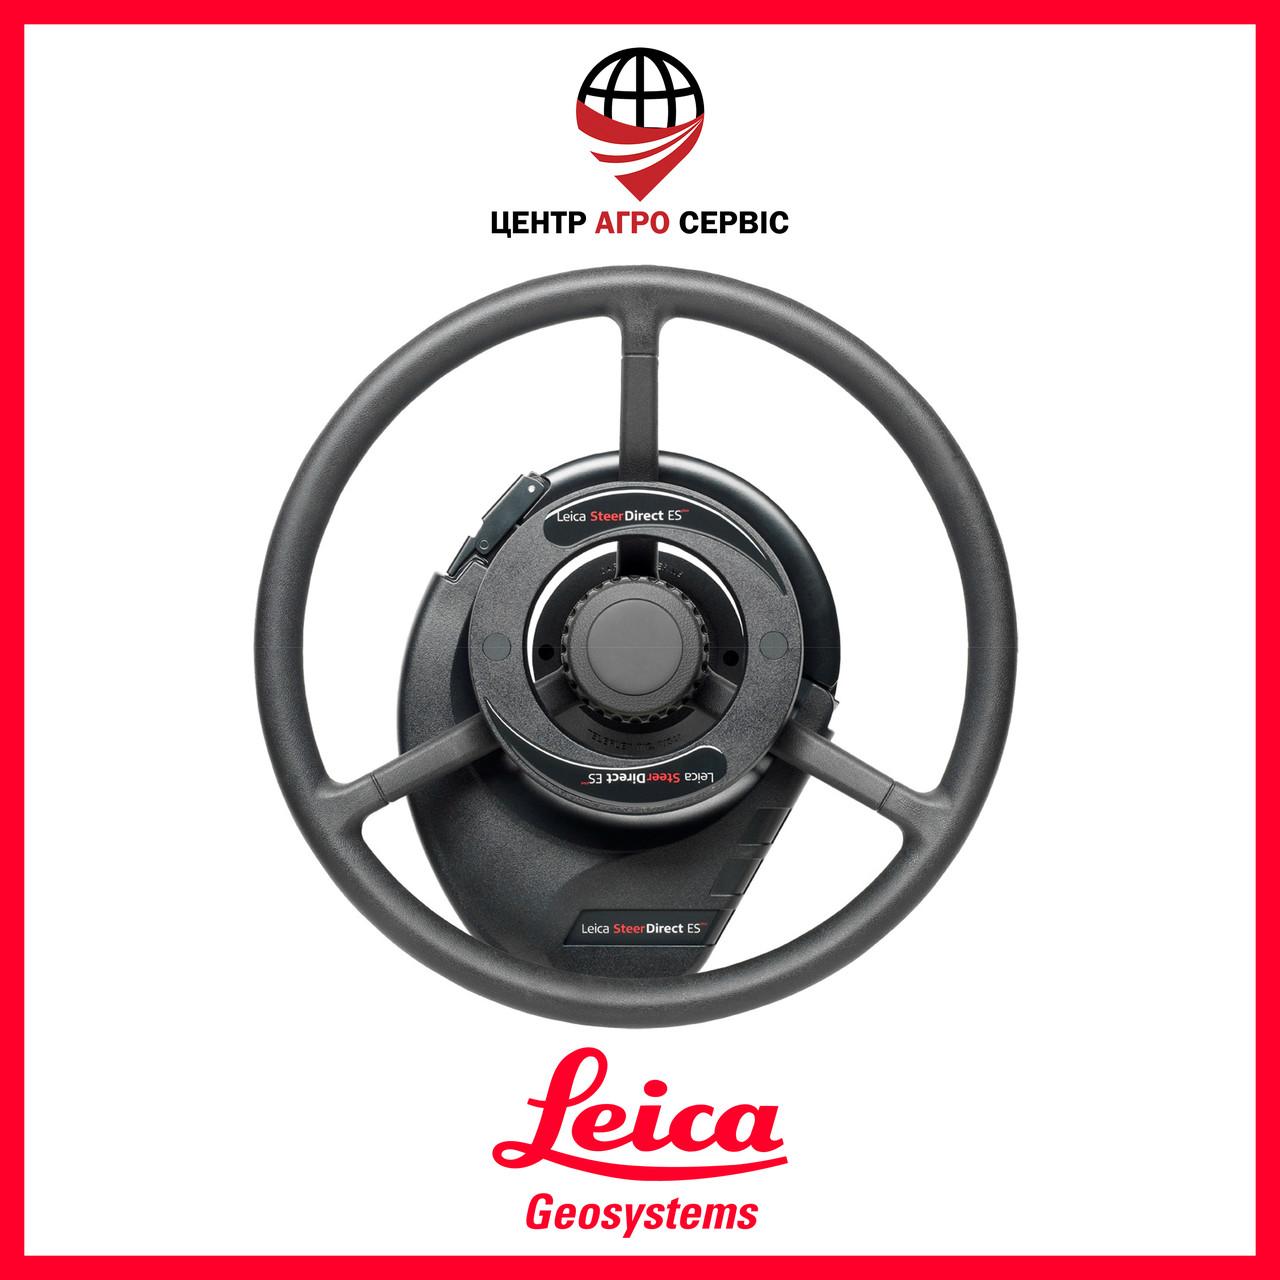 Автопилот Leica SteerDirect с подключением в CAN-шину (система электрического автоматического управления)